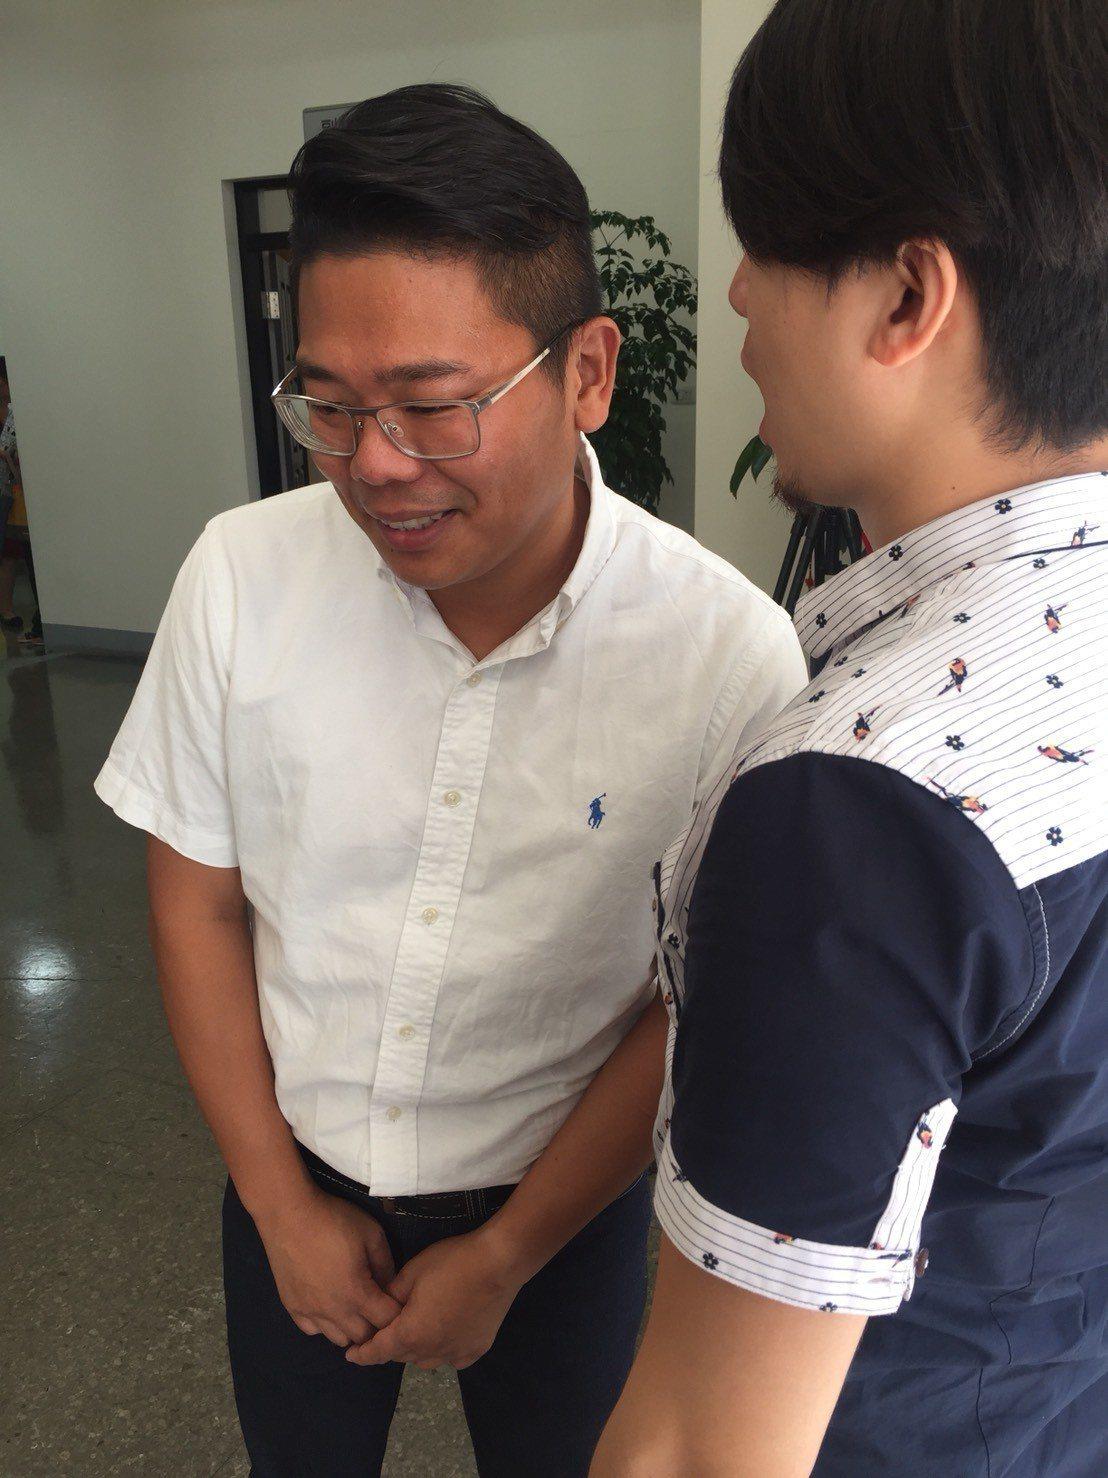 新竹市議員林盈徹(左)因從小聽力受損、配戴電子耳,與人對話時很專注聆聽。記者郭宣...